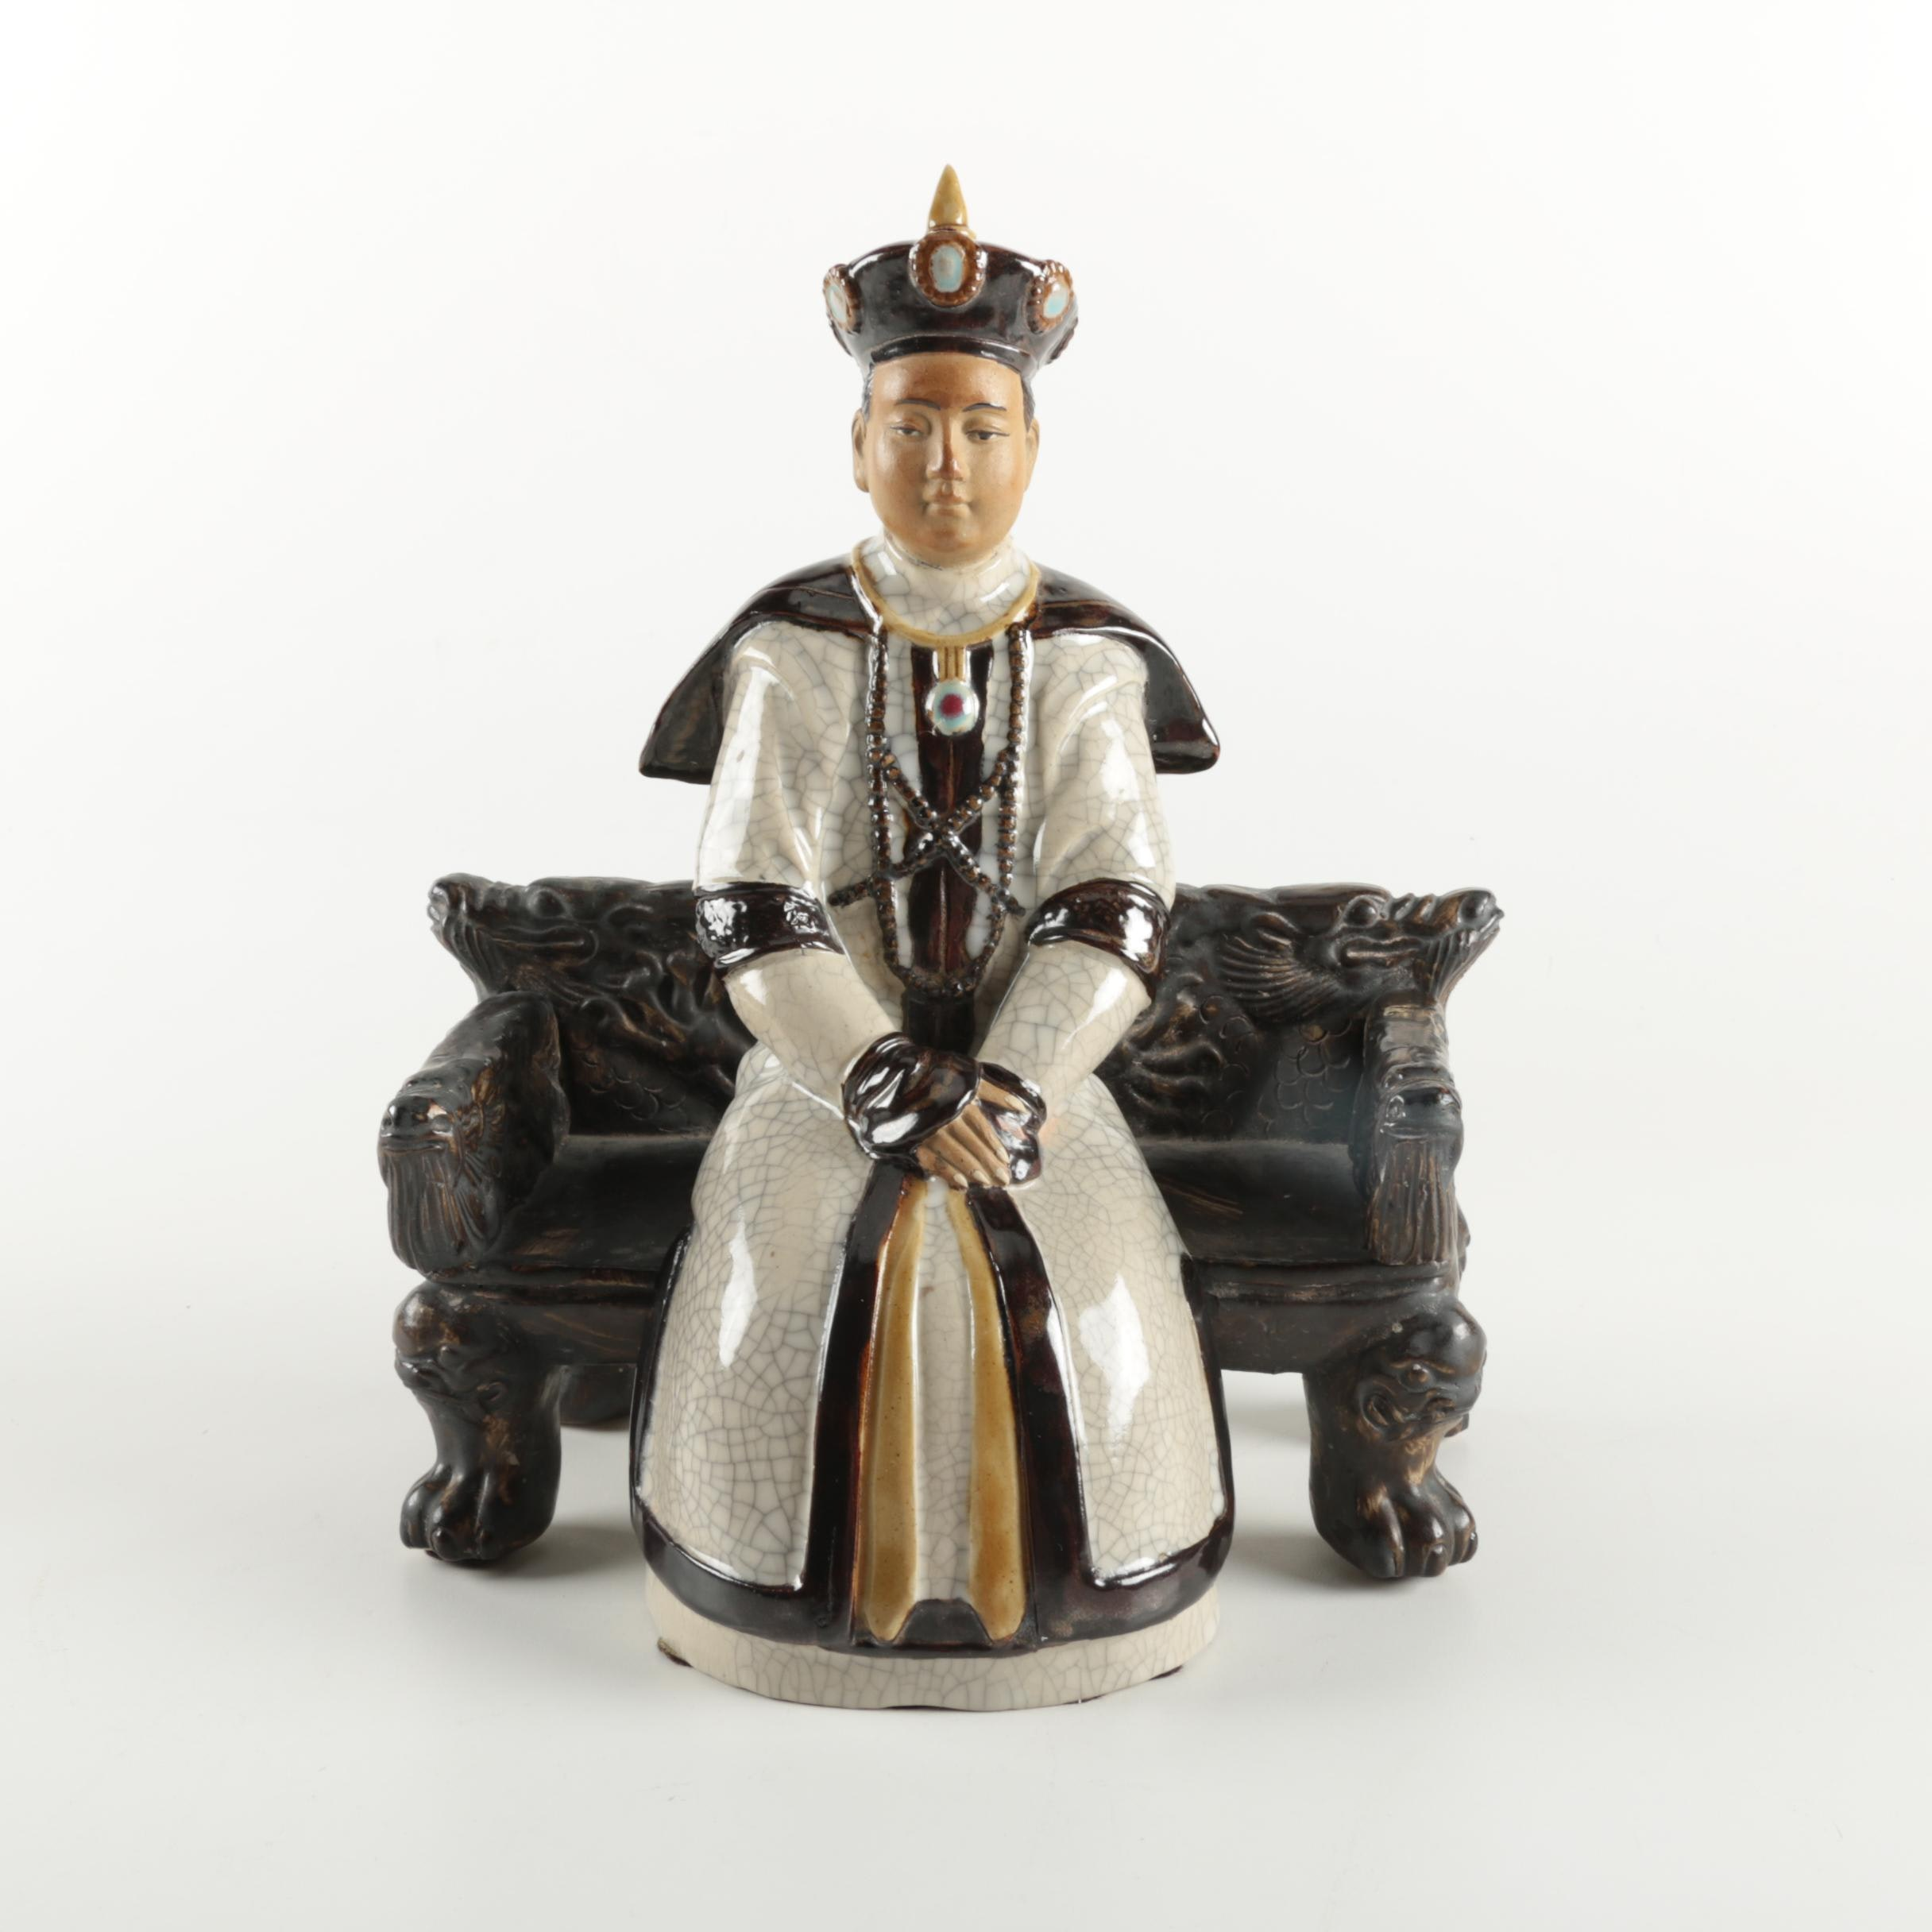 Chinese Sitting Man Figurine